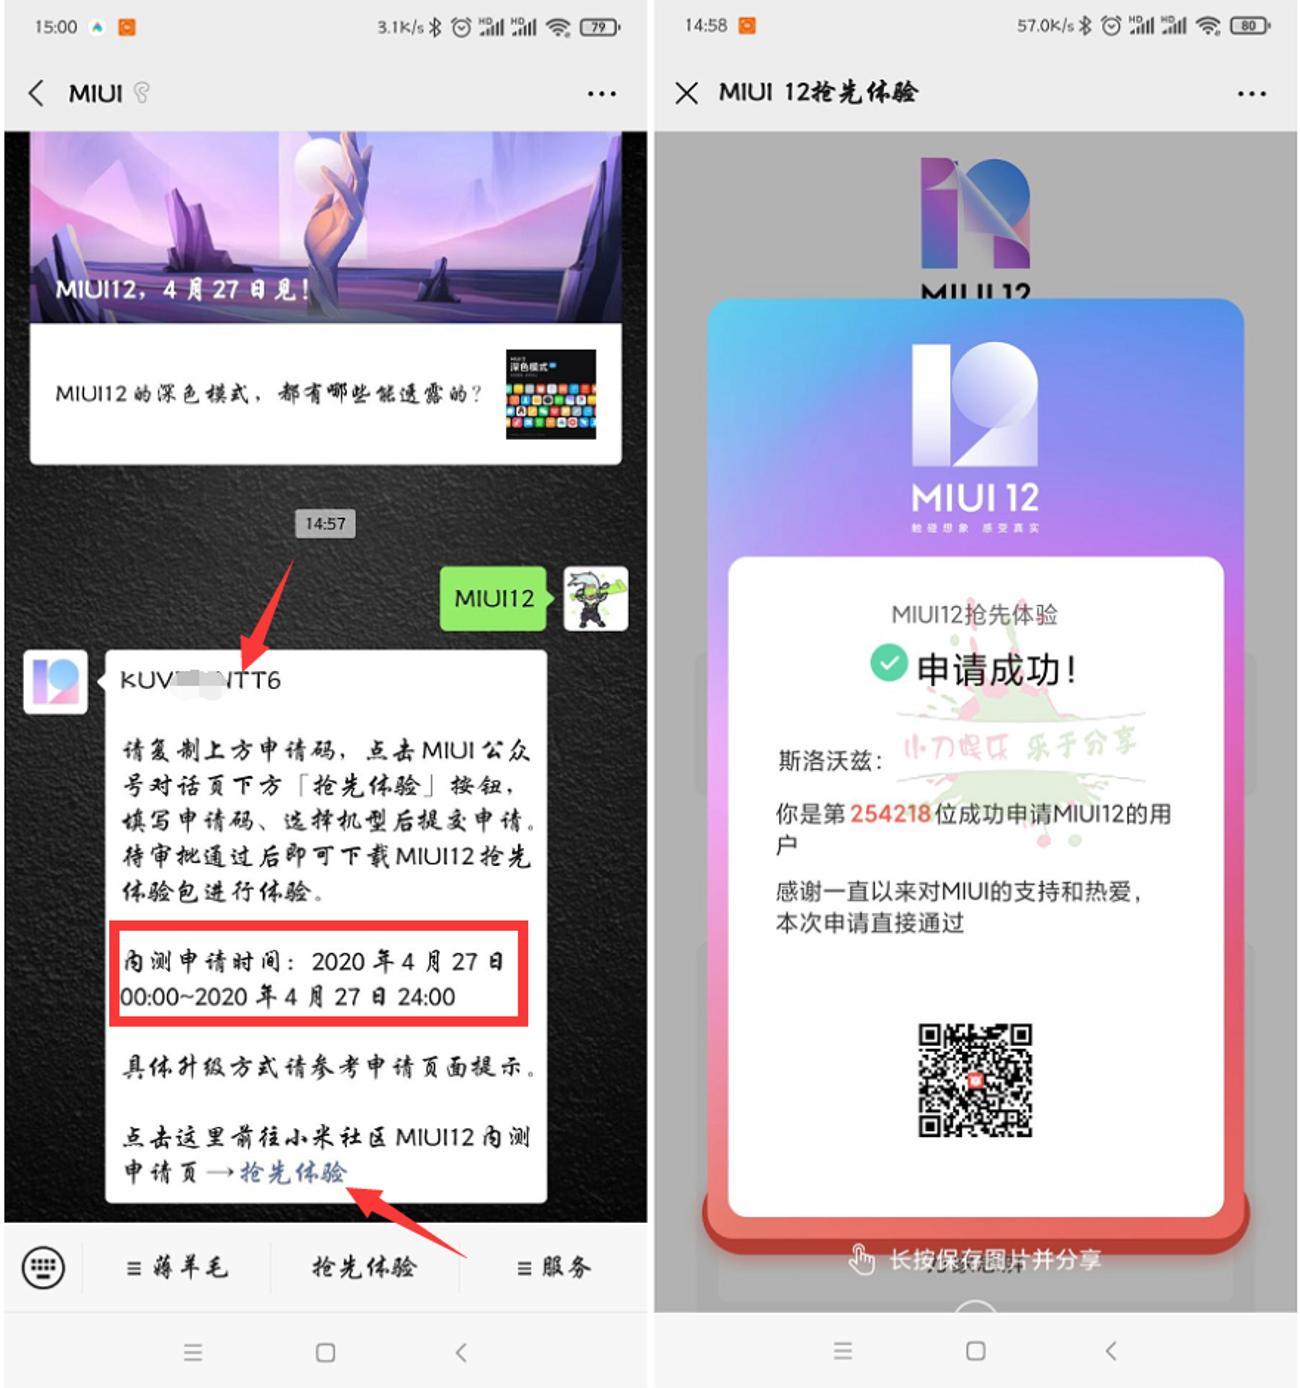 小米手机免费申请MIUI12系统